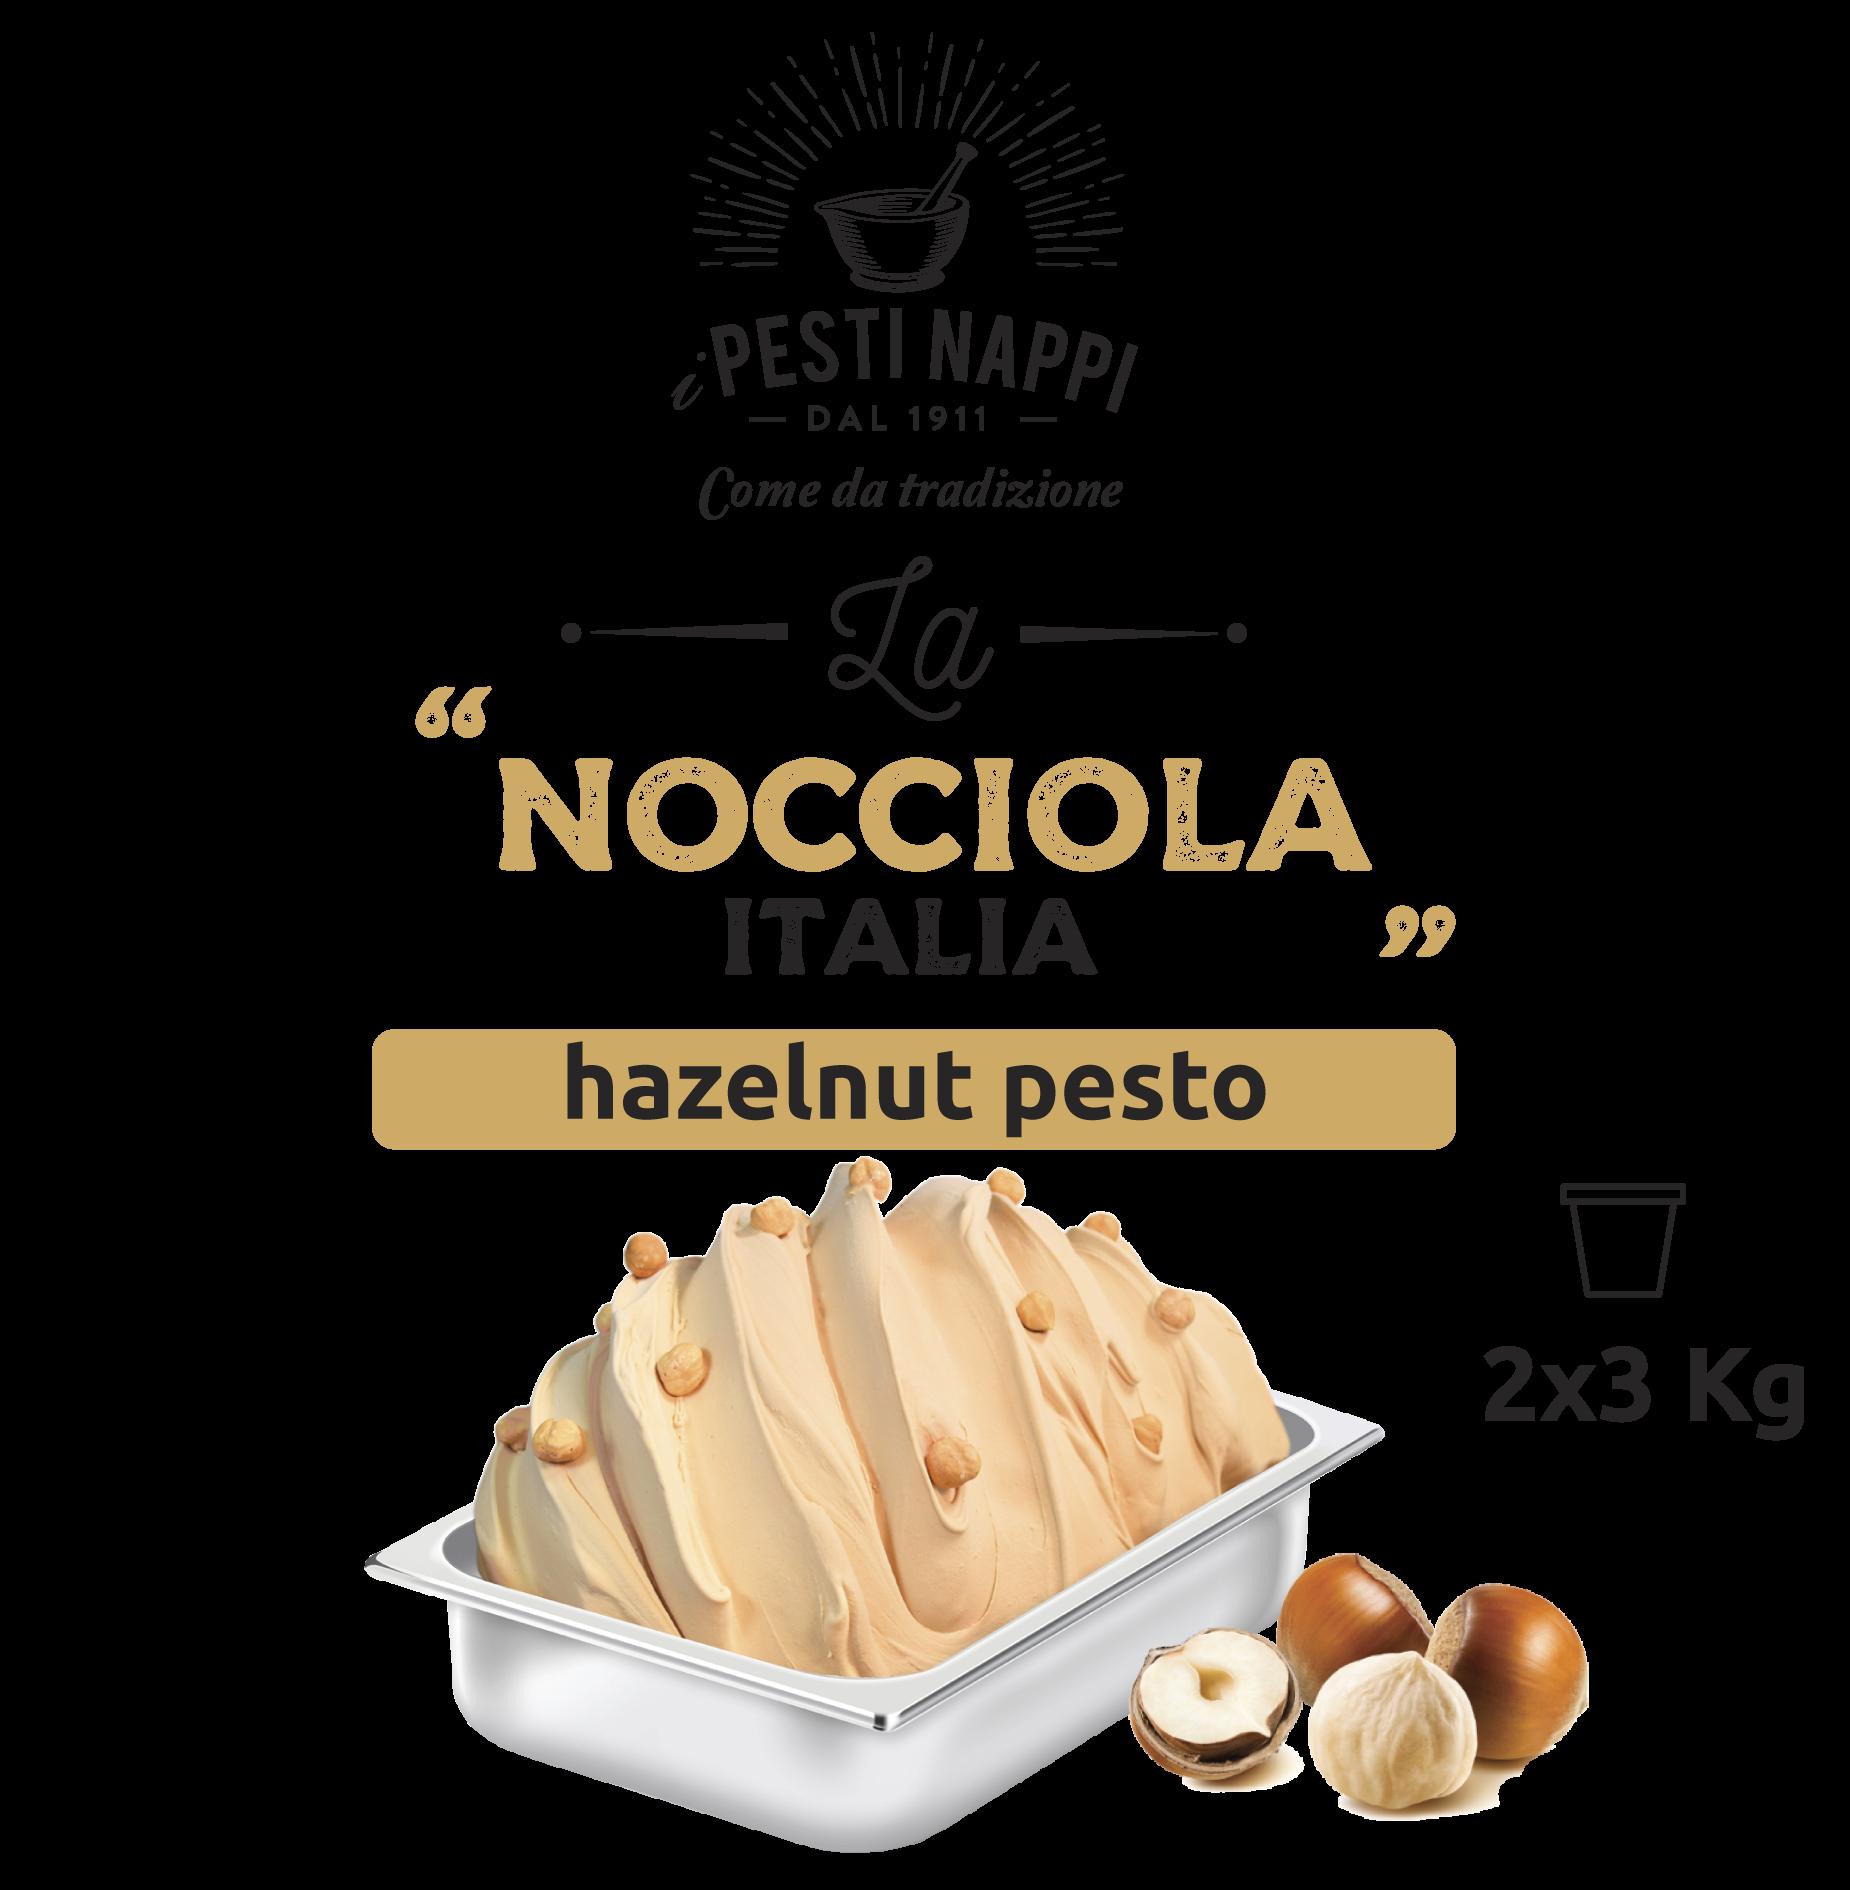 Pesto Nocciola Nappi Gourmet